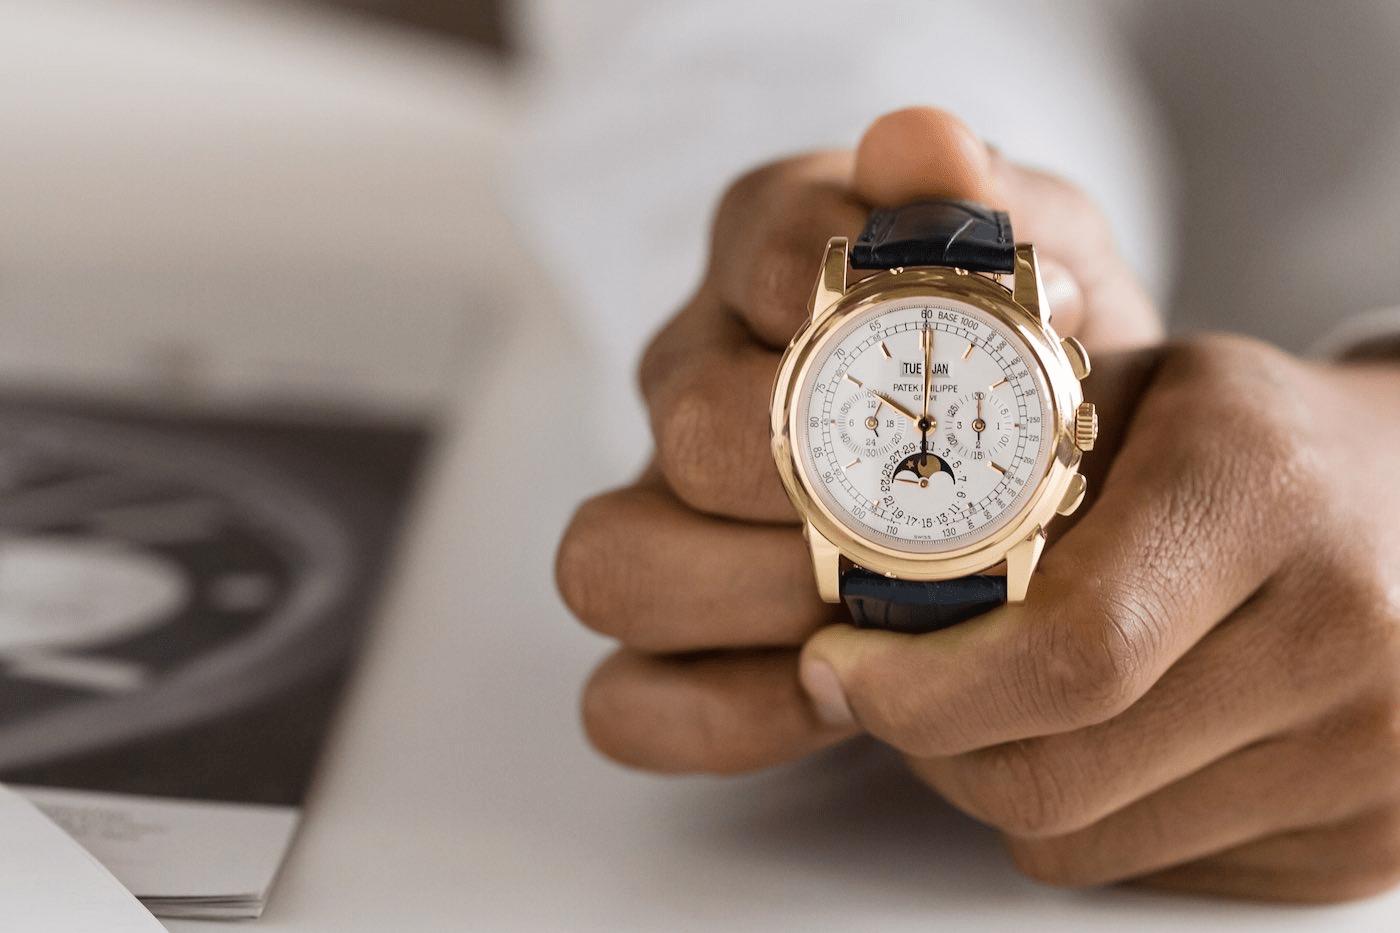 Nằm mơ thấy bán đồng hồ của bạn có ý nghĩa gì đặc biệt?